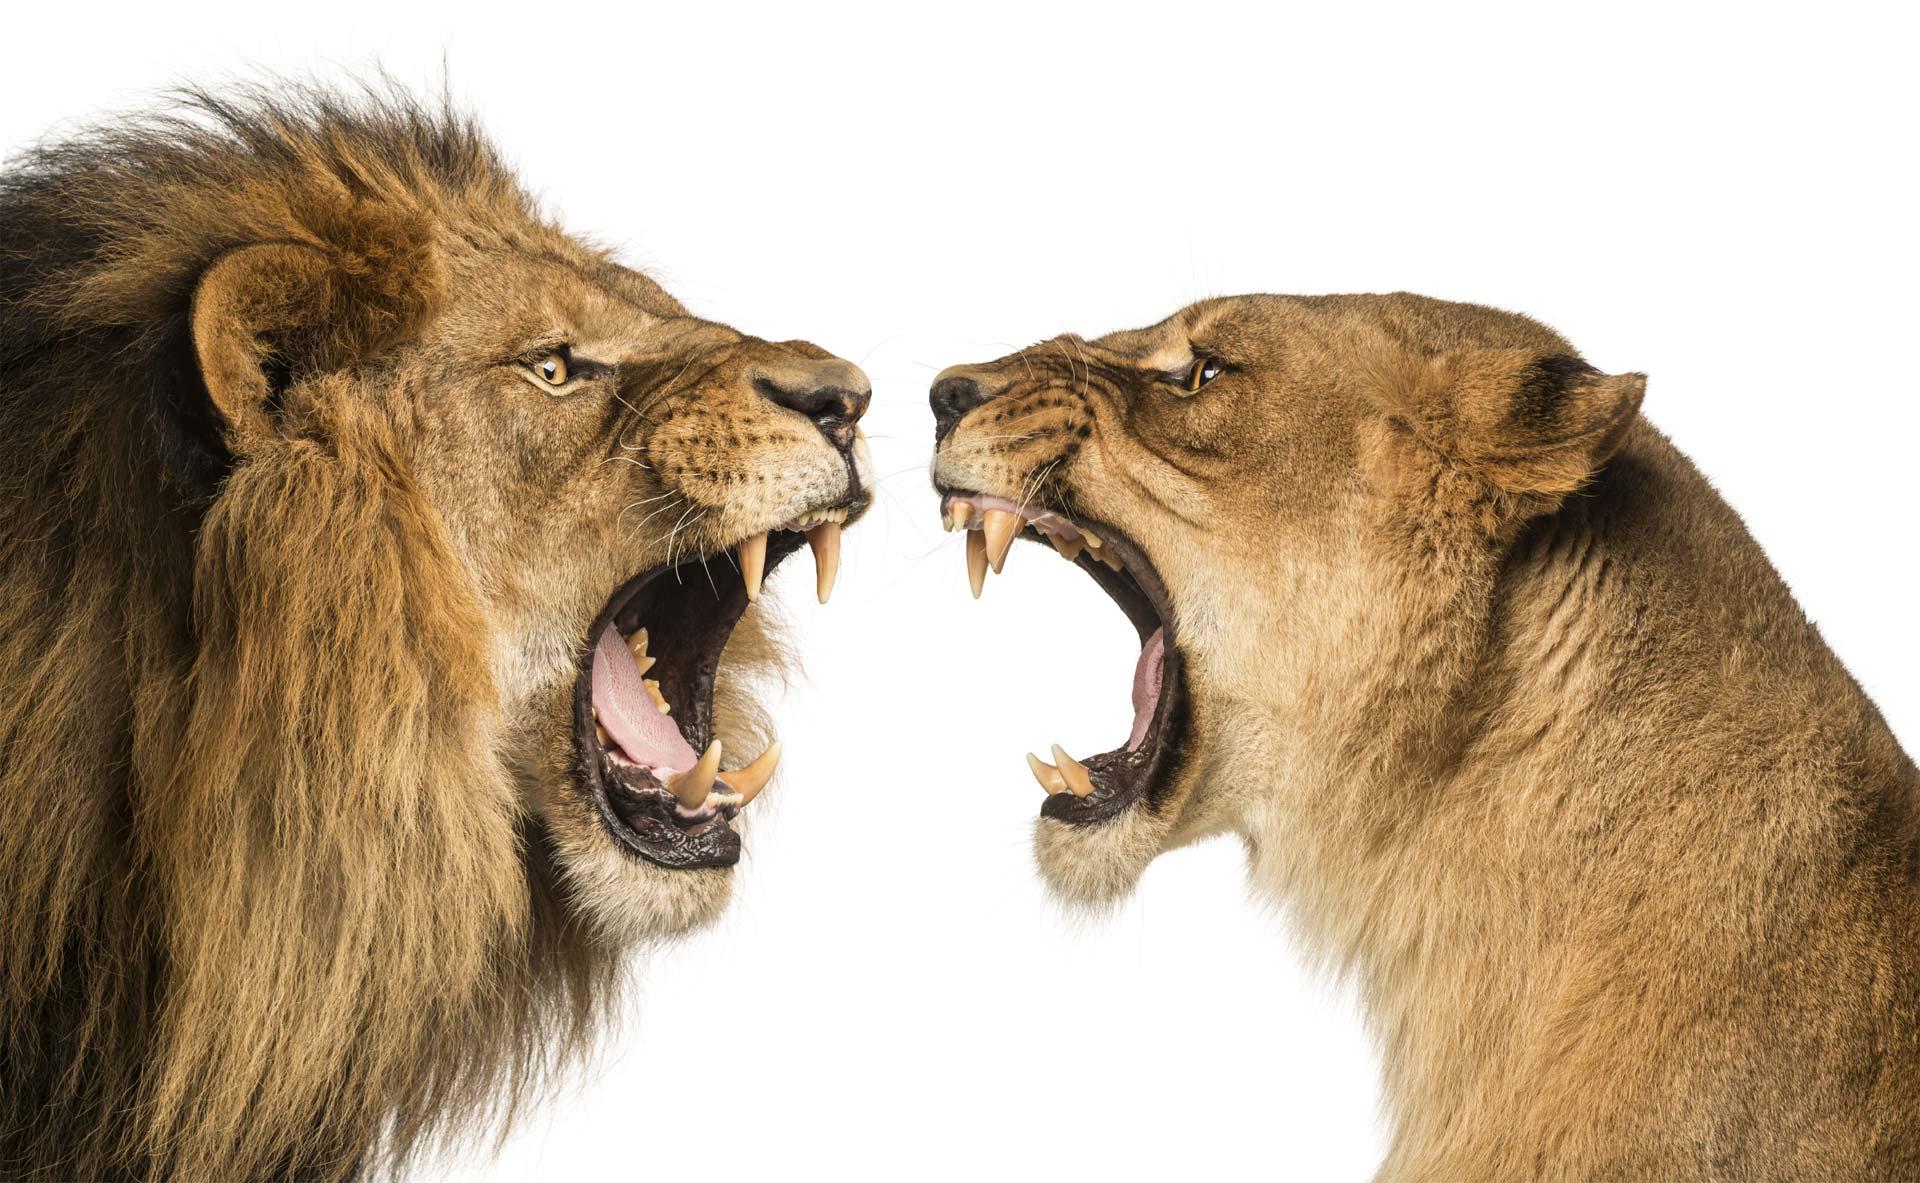 Ocho leones, dos linces, un puma y un coyote fueron trasladados a un santuario de más 290 hectáreas